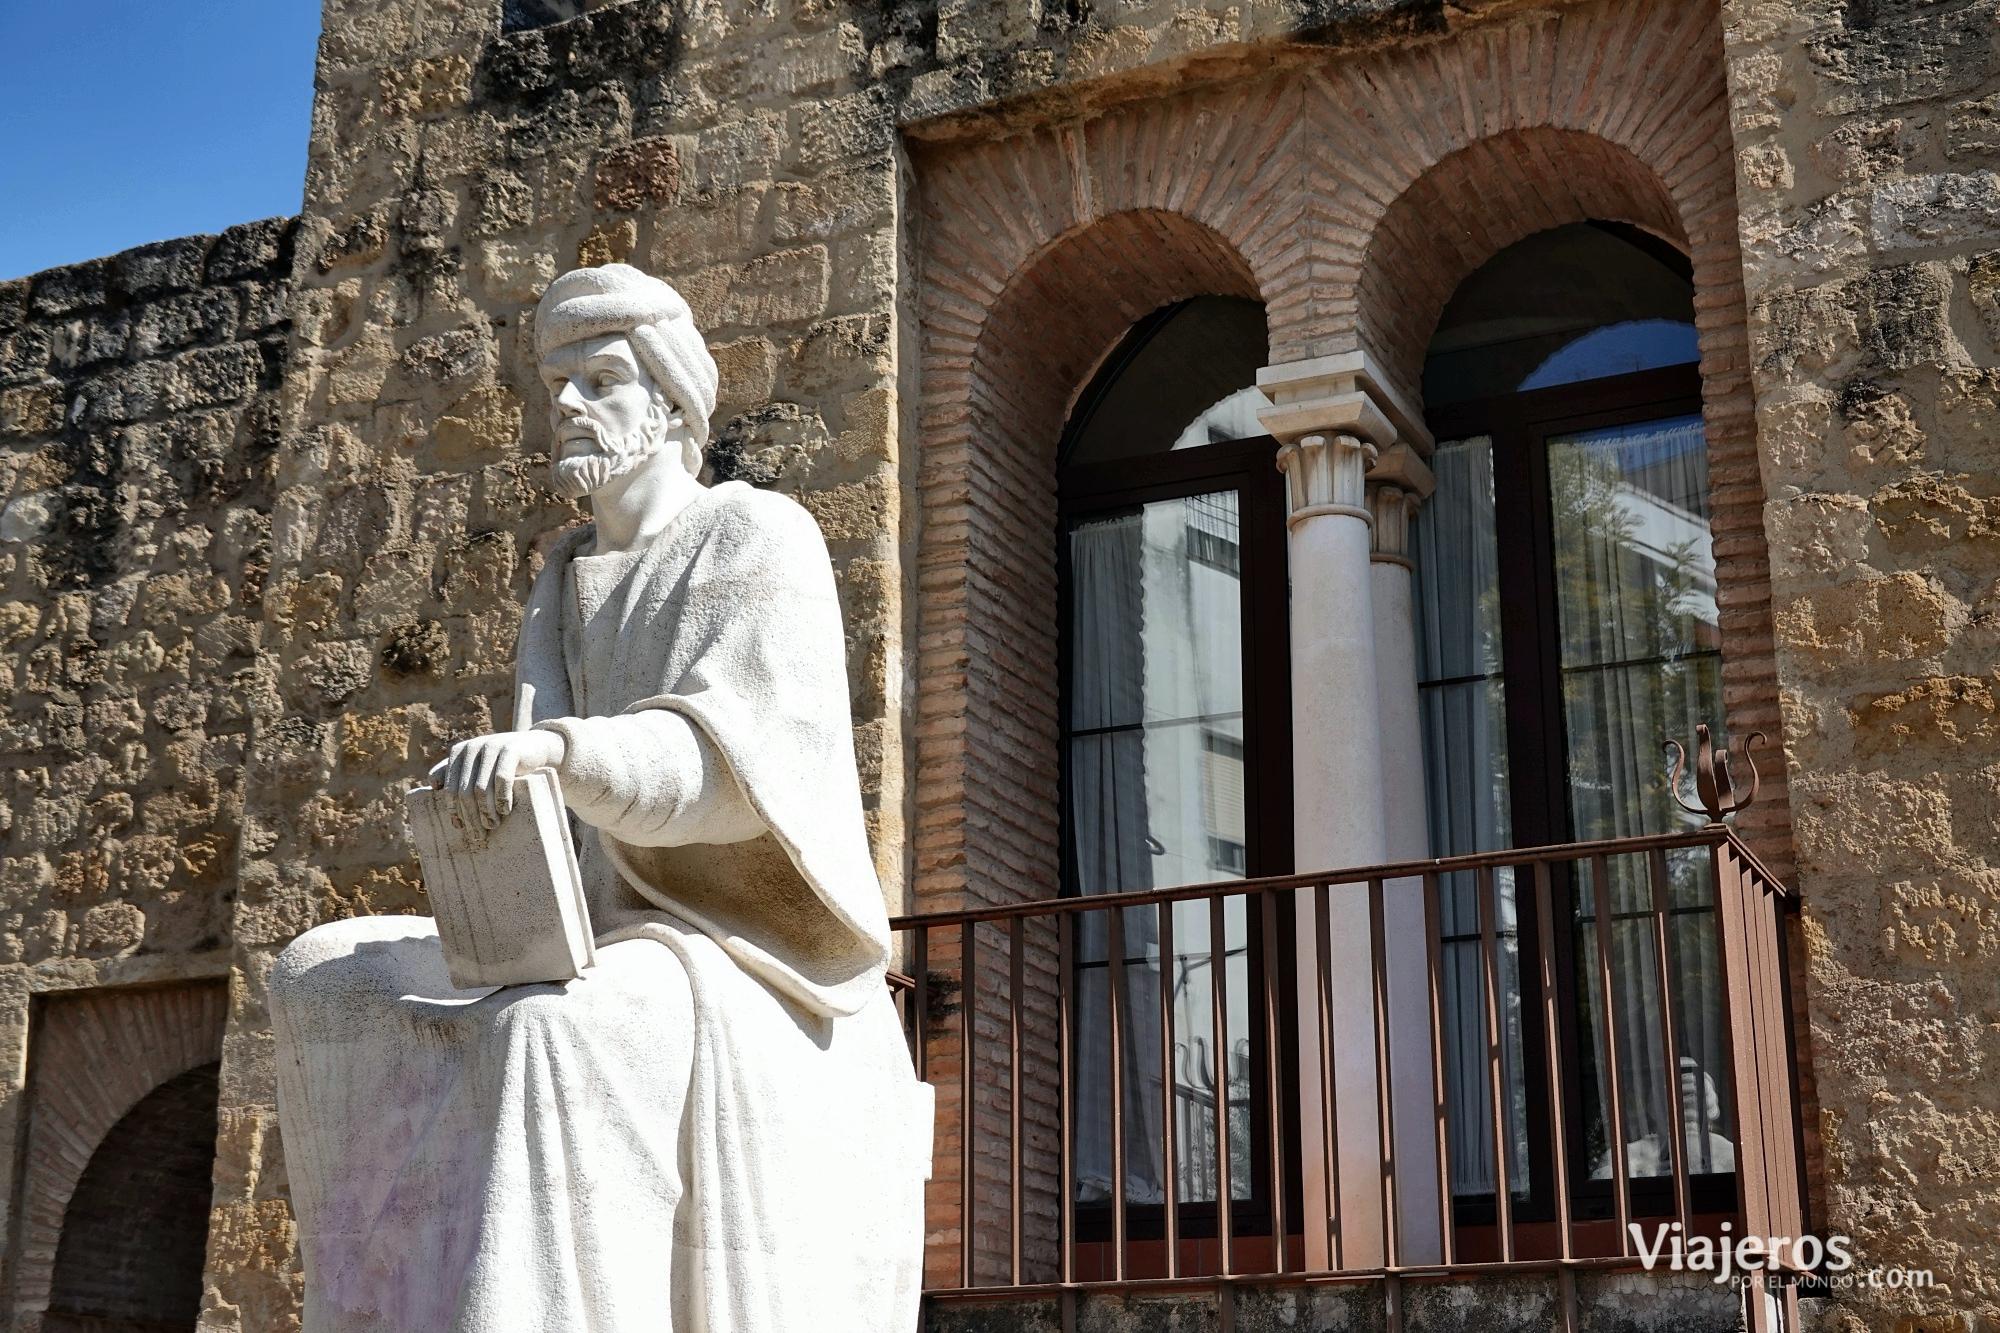 Estatua de Averroes - Viajeros por el Mundo